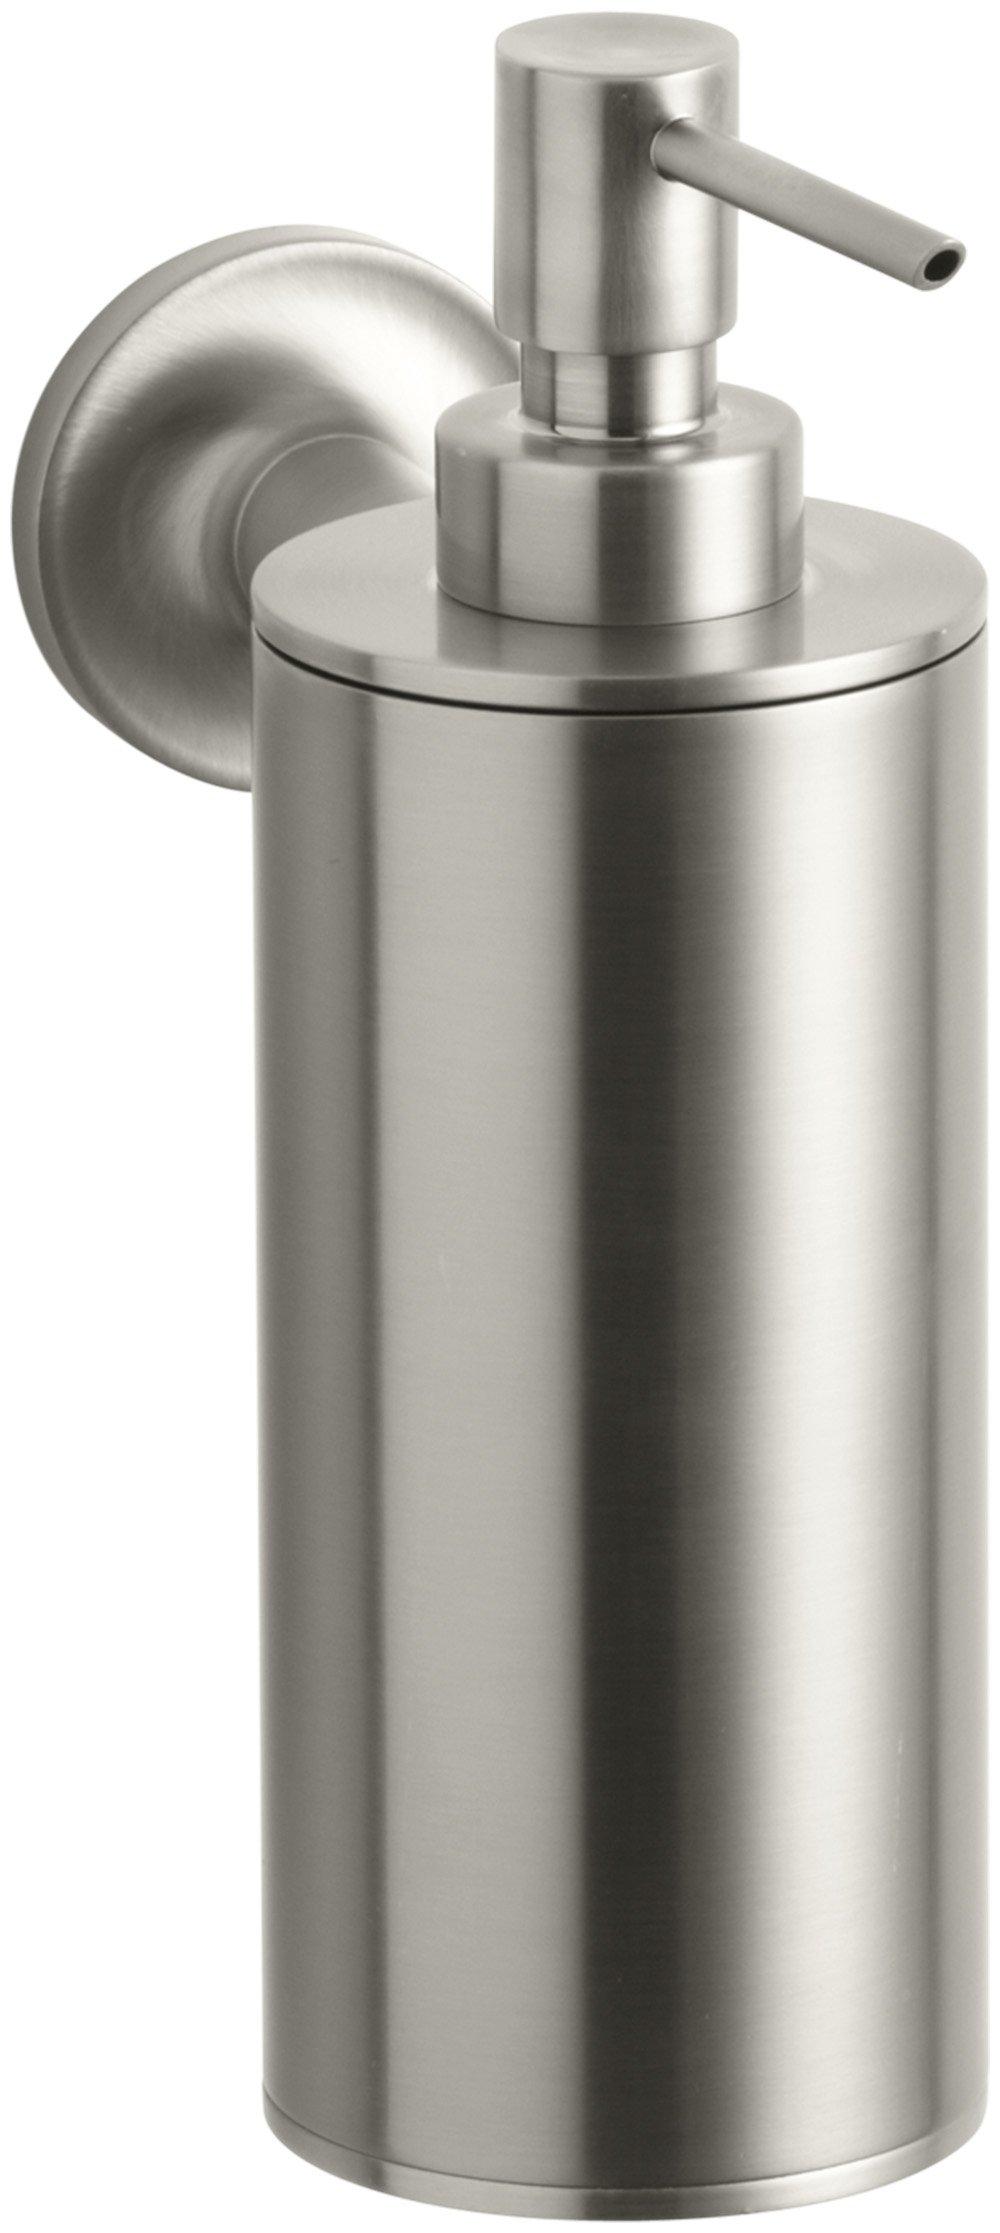 Kohler K-14380-BN Purist Wall-Mounted Soap Dispenser, Vibrant Brushed Nickel by Kohler